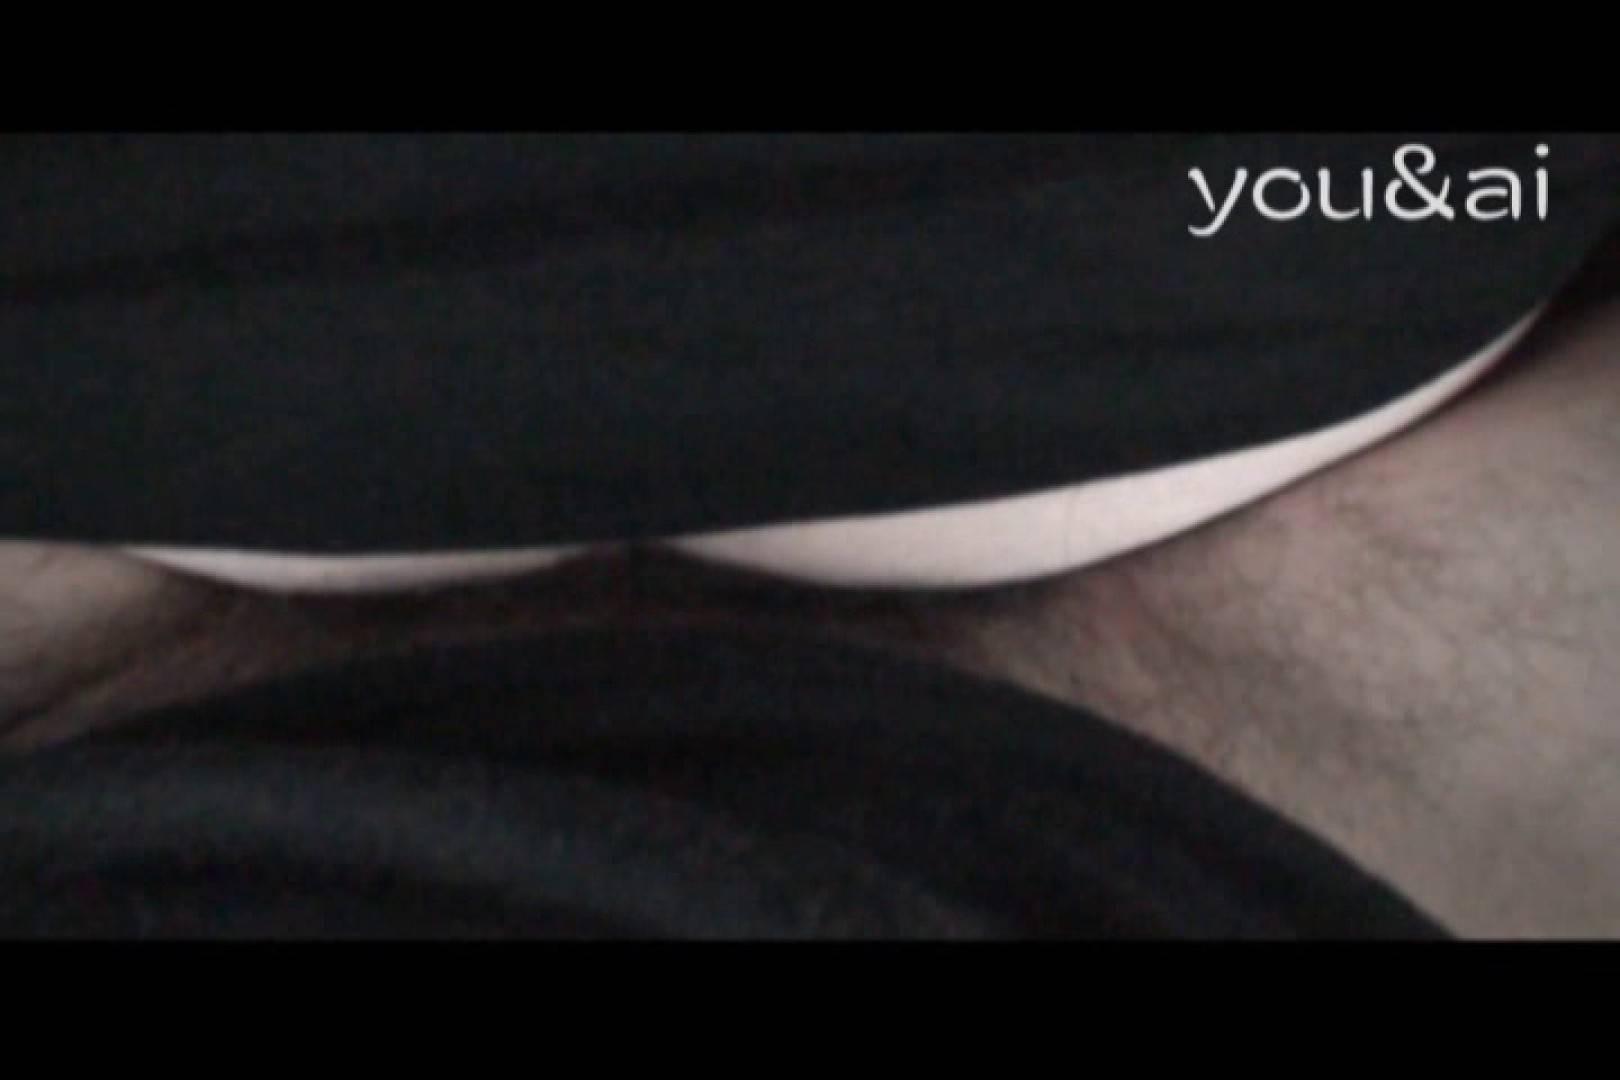 おしどり夫婦のyou&aiさん投稿作品vol.8 OLのエロ生活 ぱこり動画紹介 76連発 14